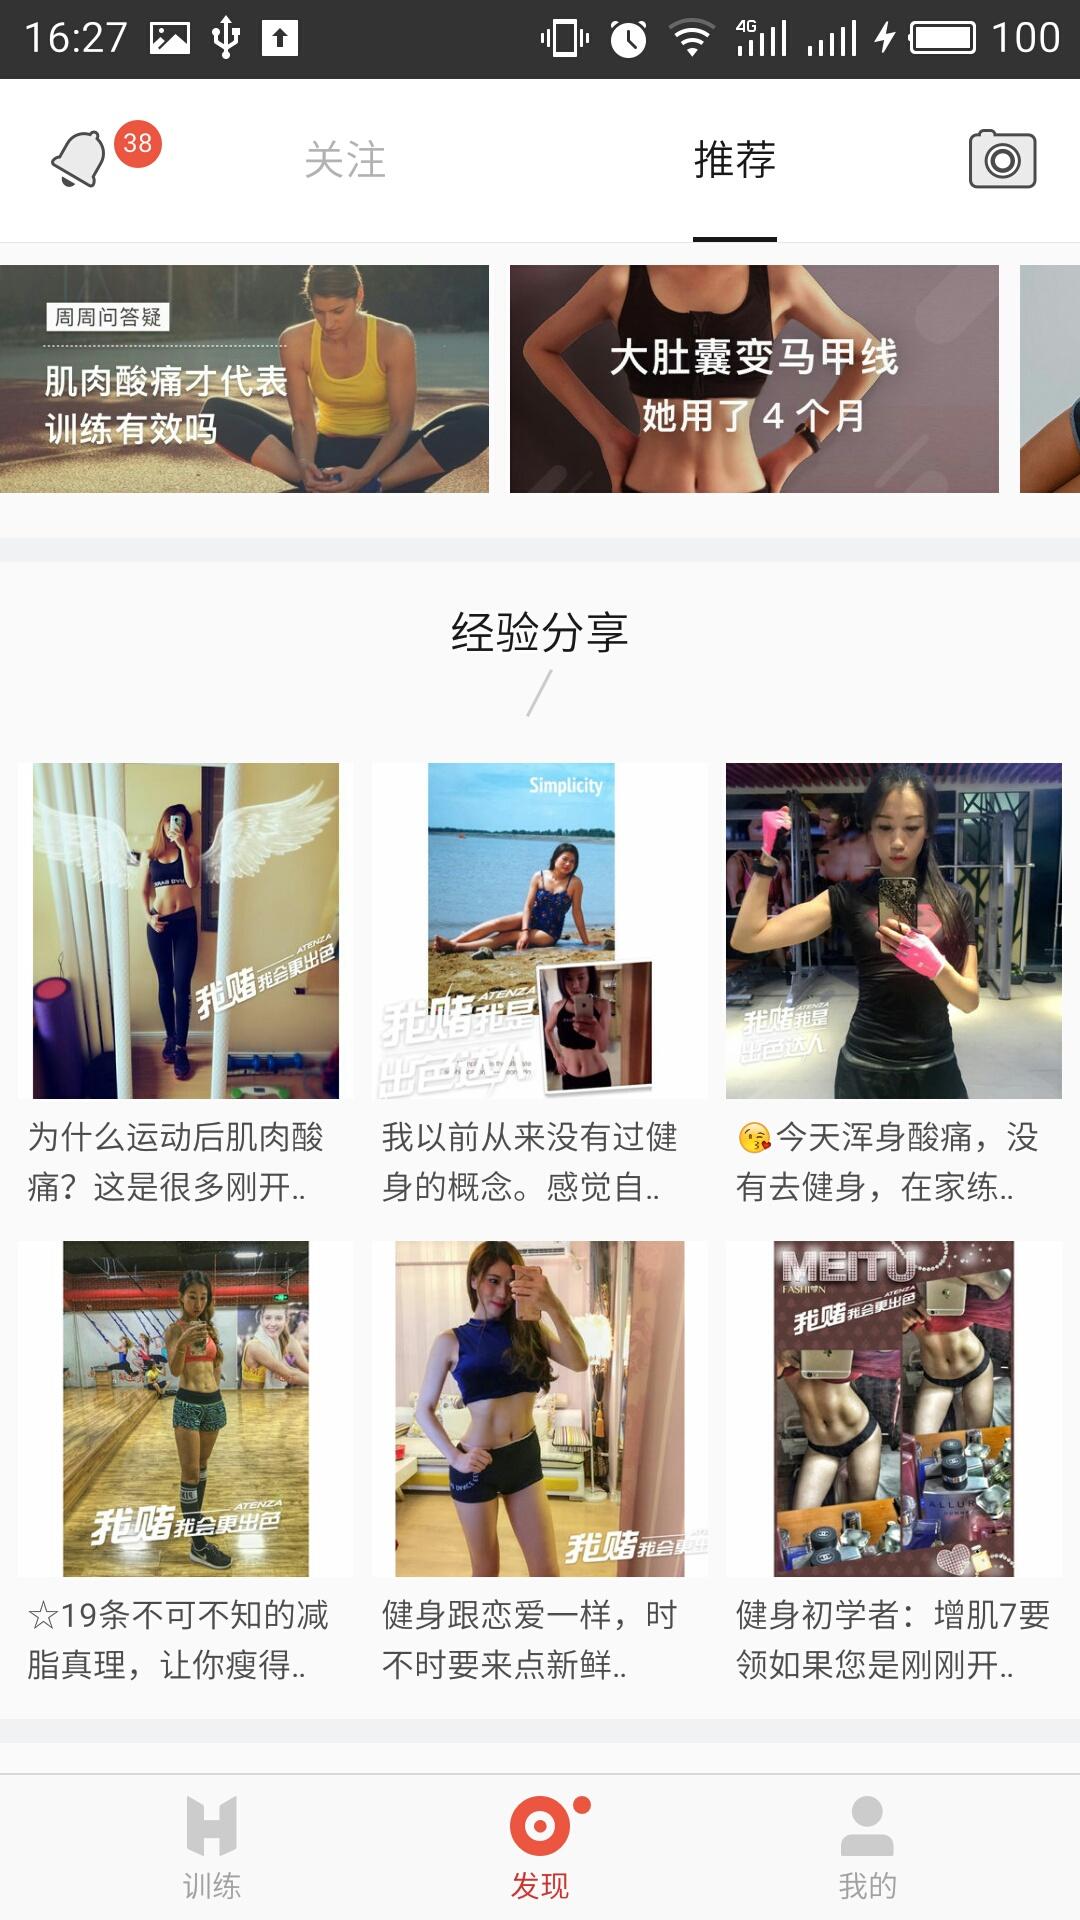 QQ图片20160908162928.jpg